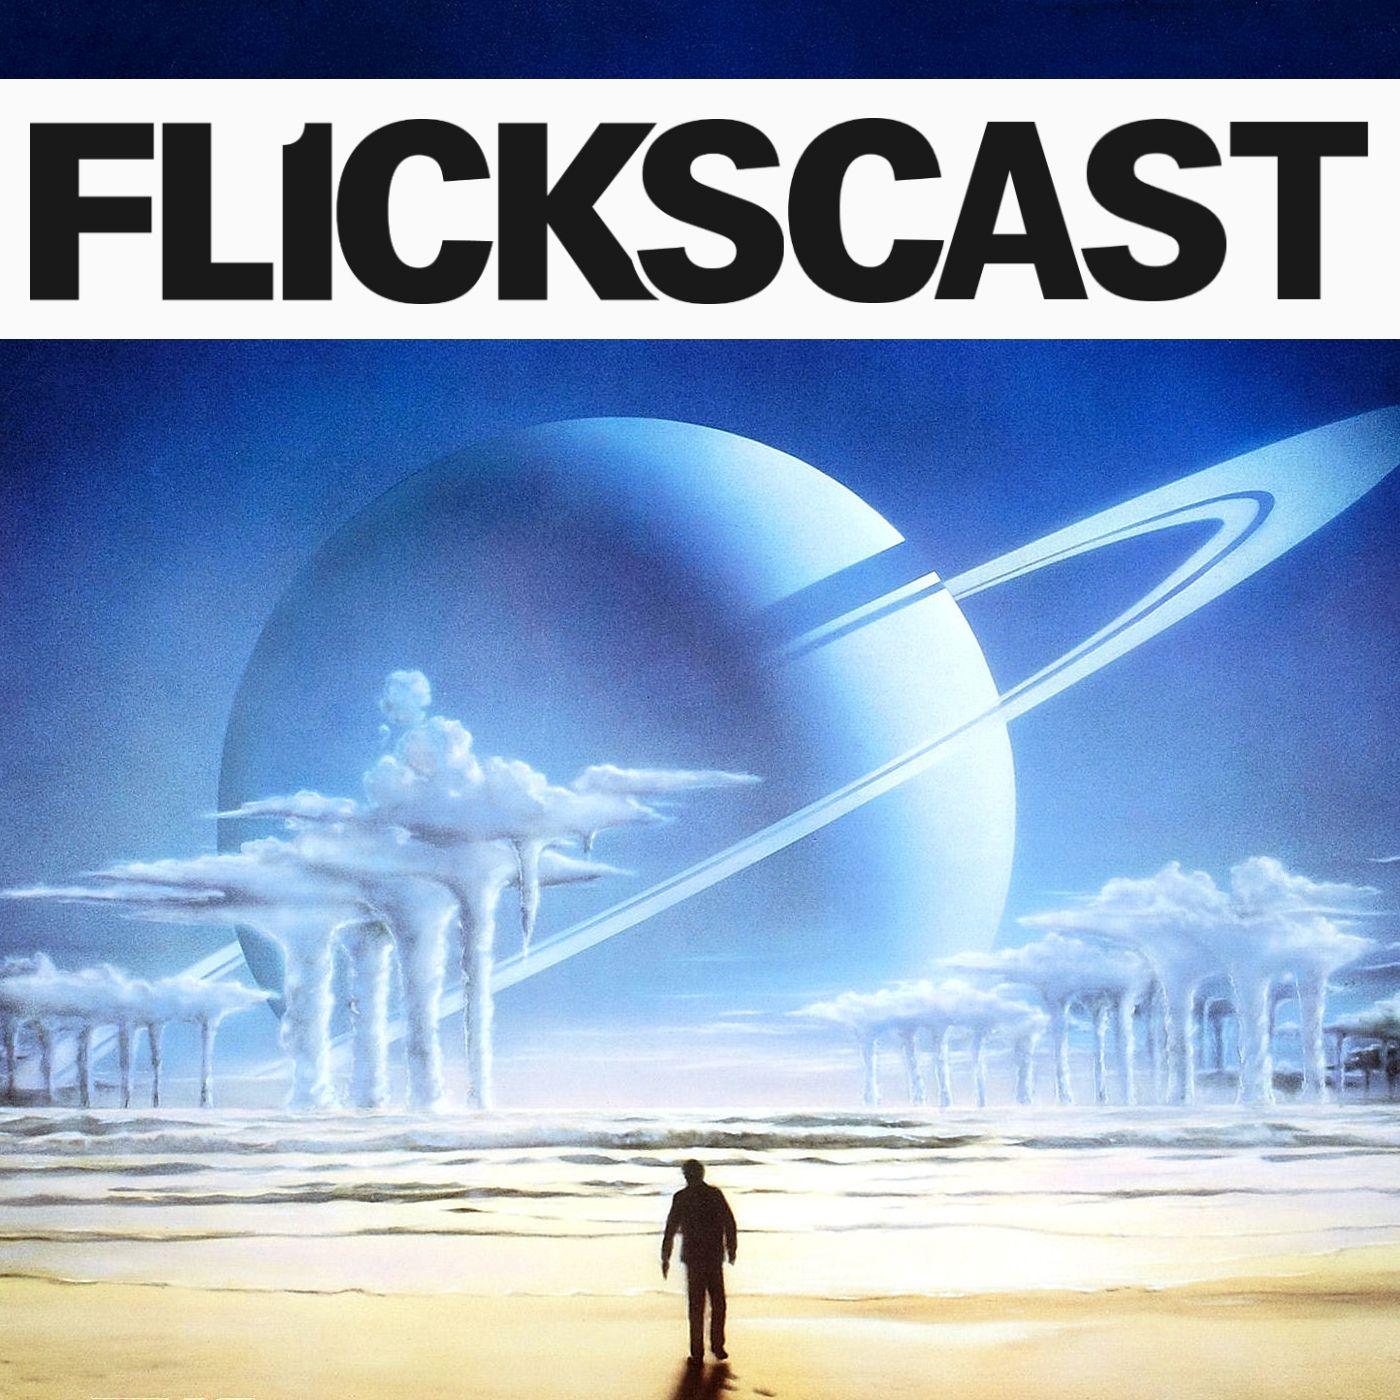 FlicksCast